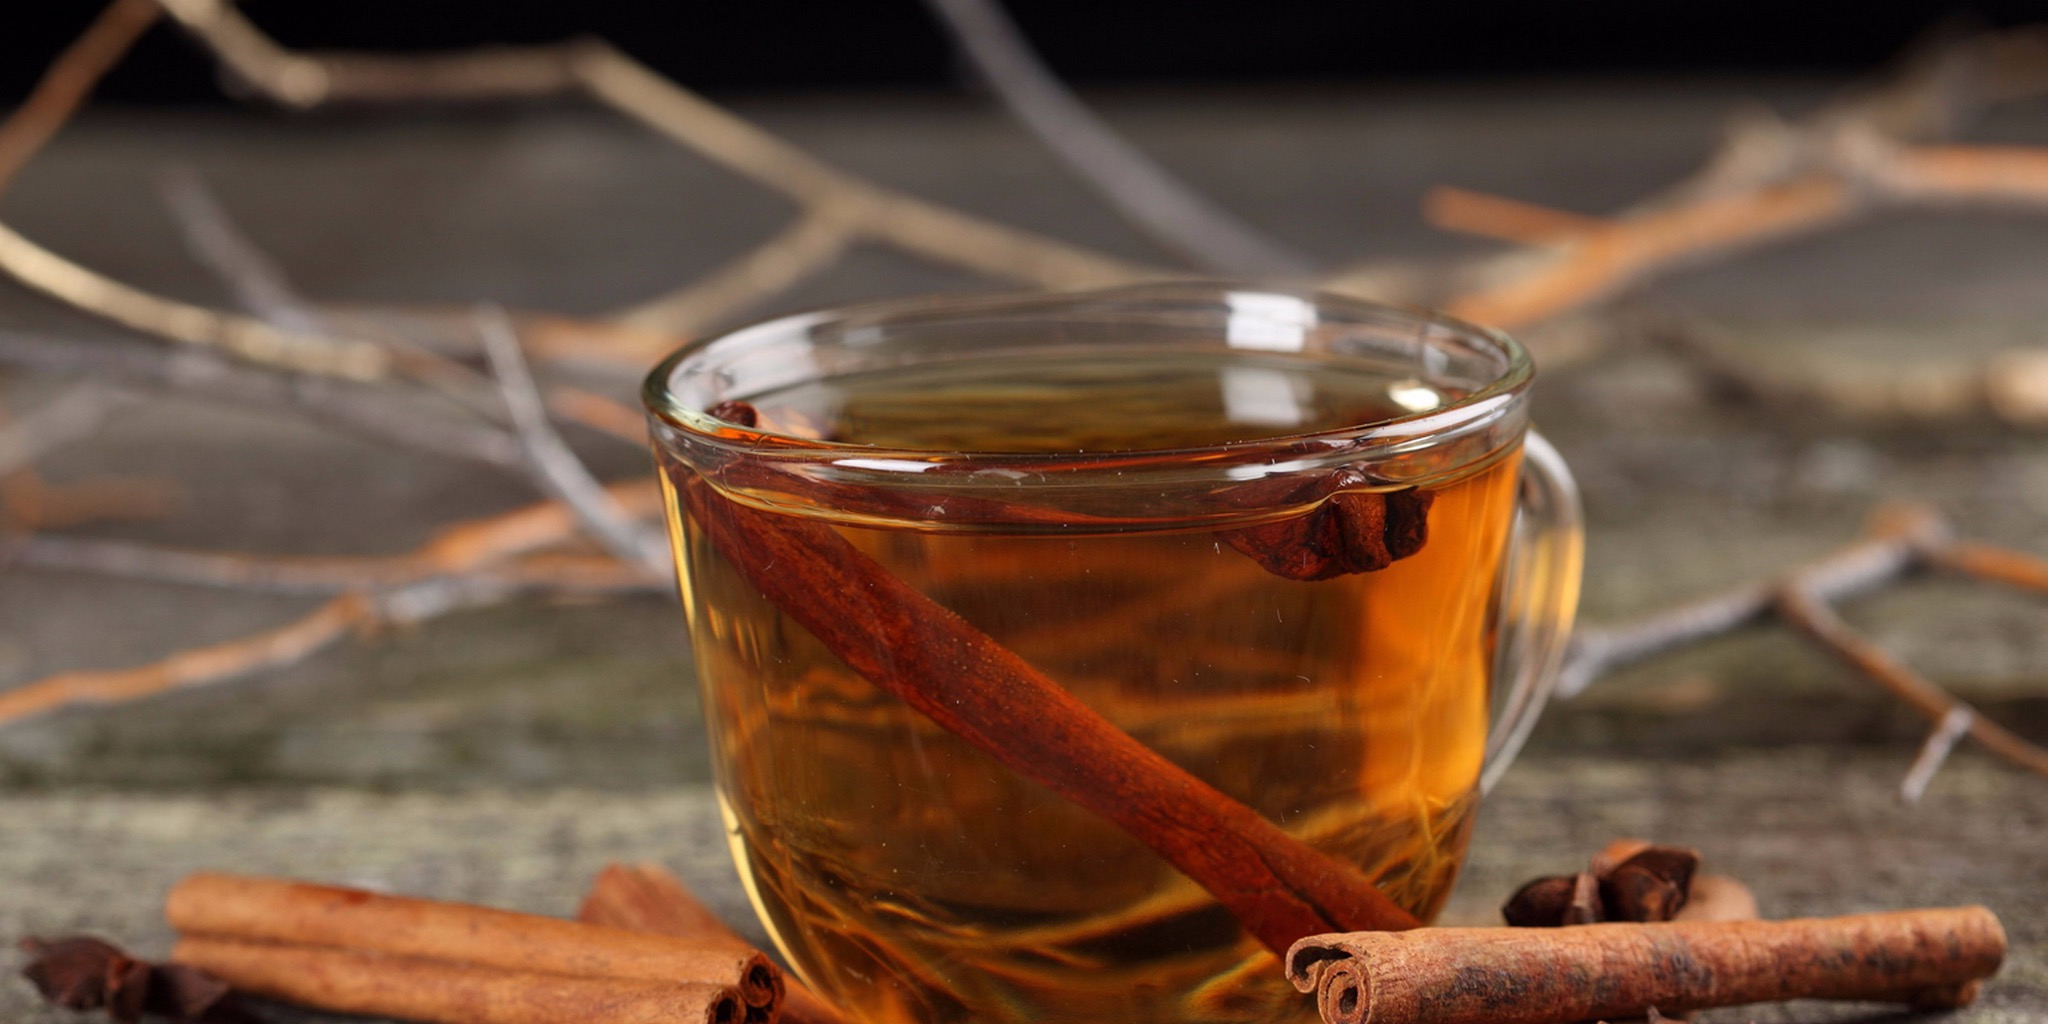 Чай с корицей: польза и вред, рецепт зеленого чая с имбирем